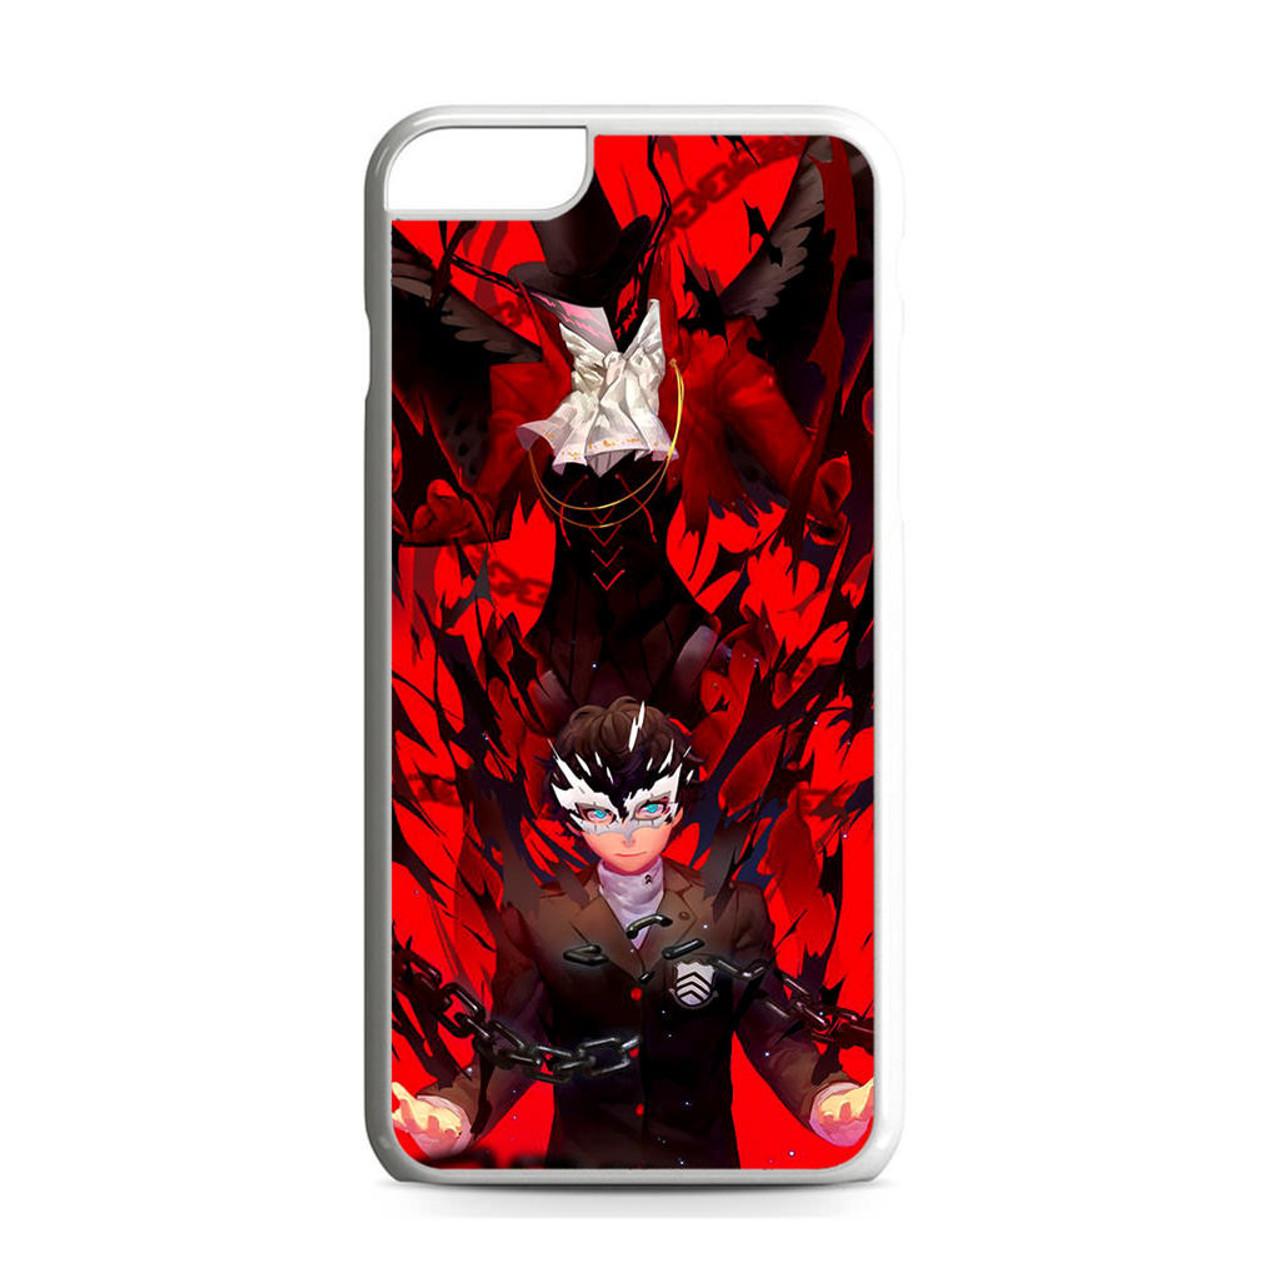 iphone 6 plus / 6s plus cover artist